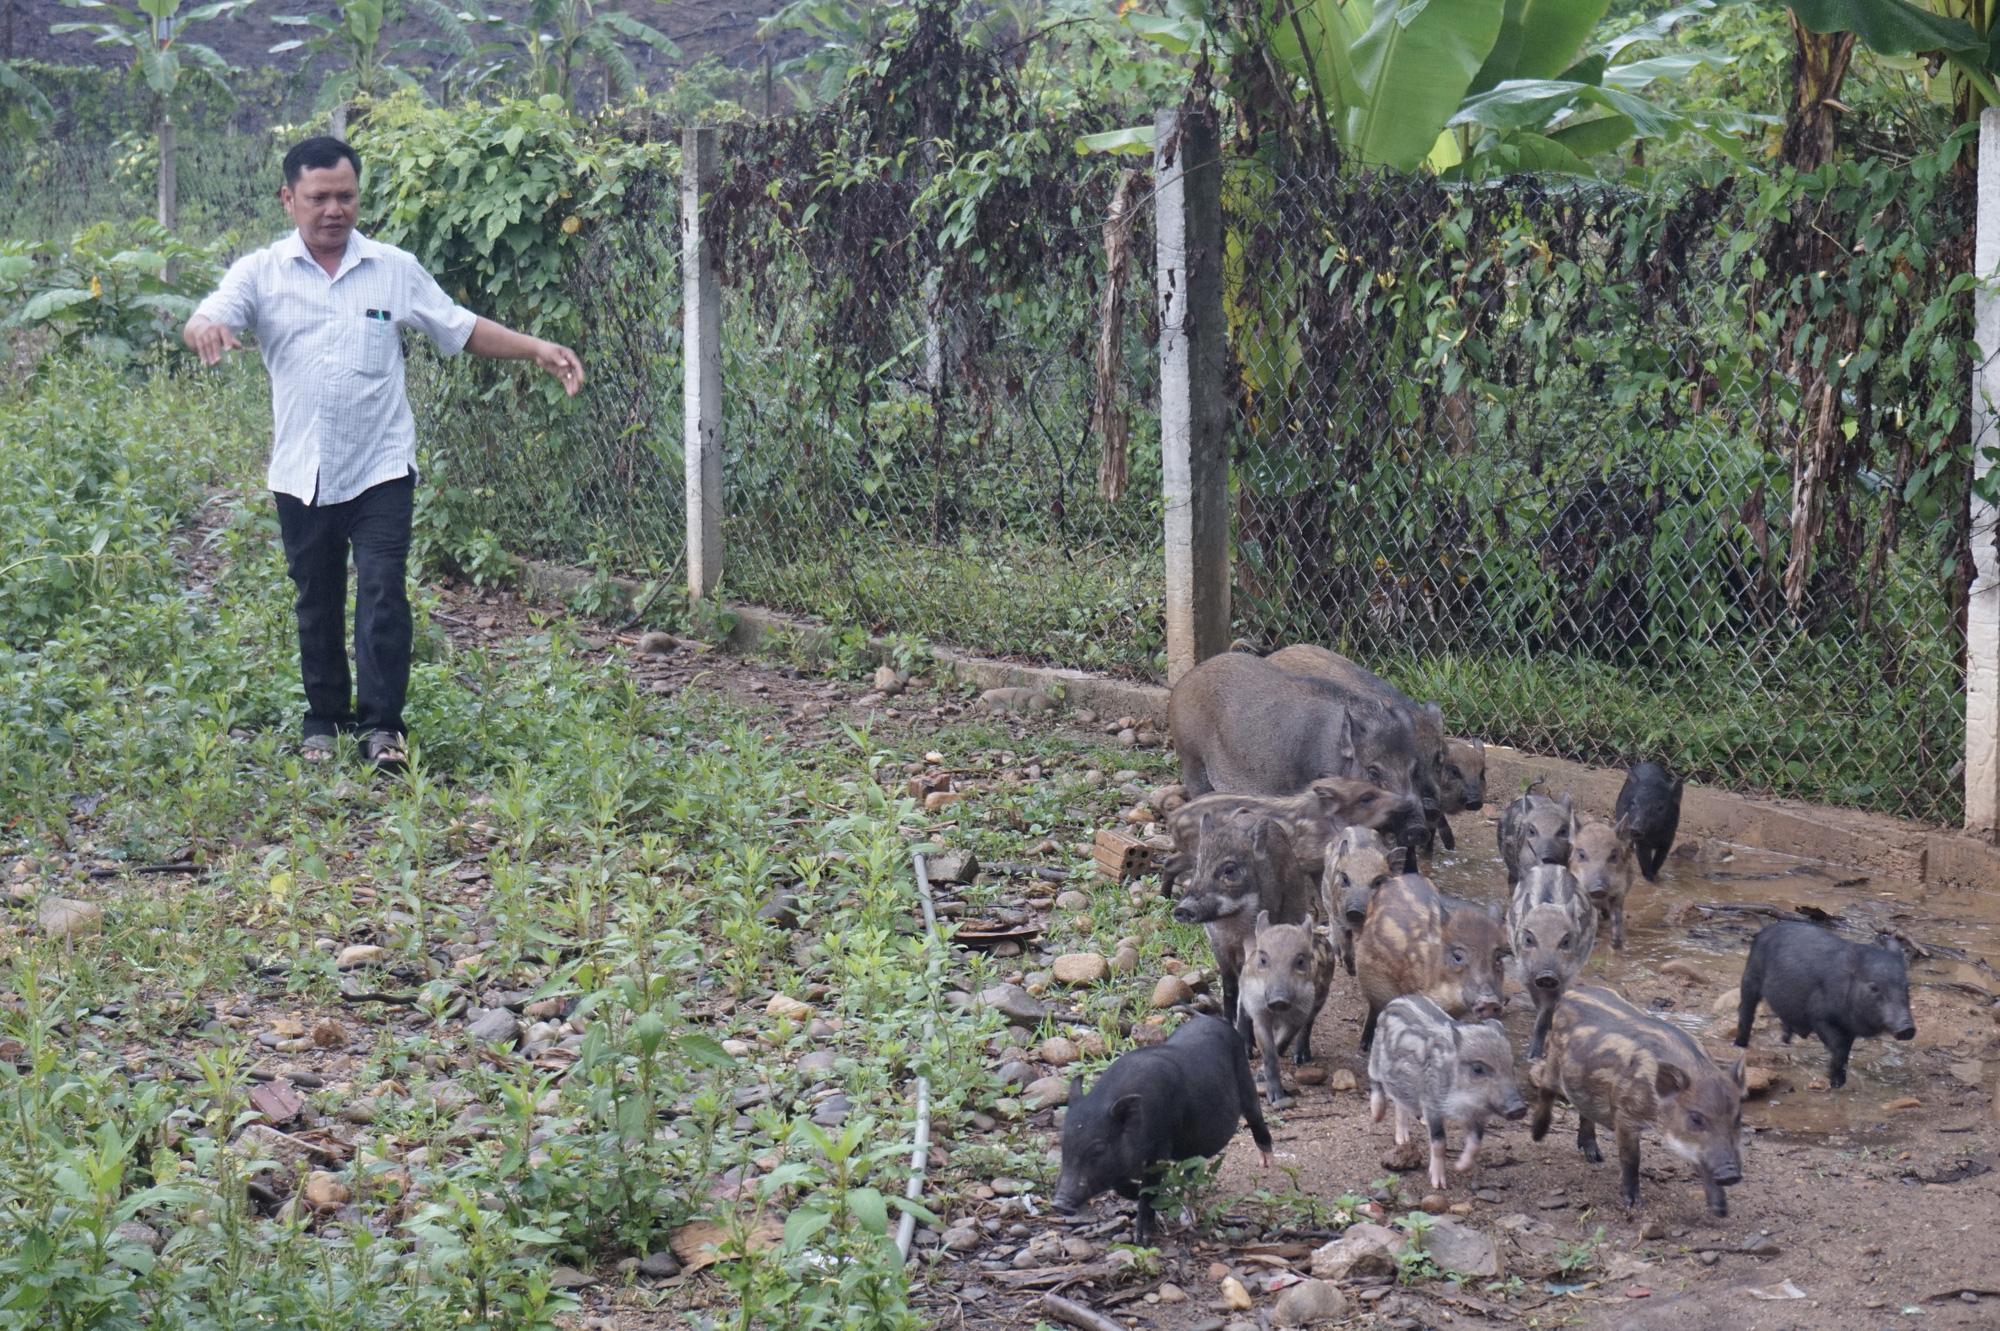 Đà Nẵng: Khởi nghiệp với mô hình nuôi heo rừng lai, một người con Cơ Tu có cuộc sống sung túc - Ảnh 2.